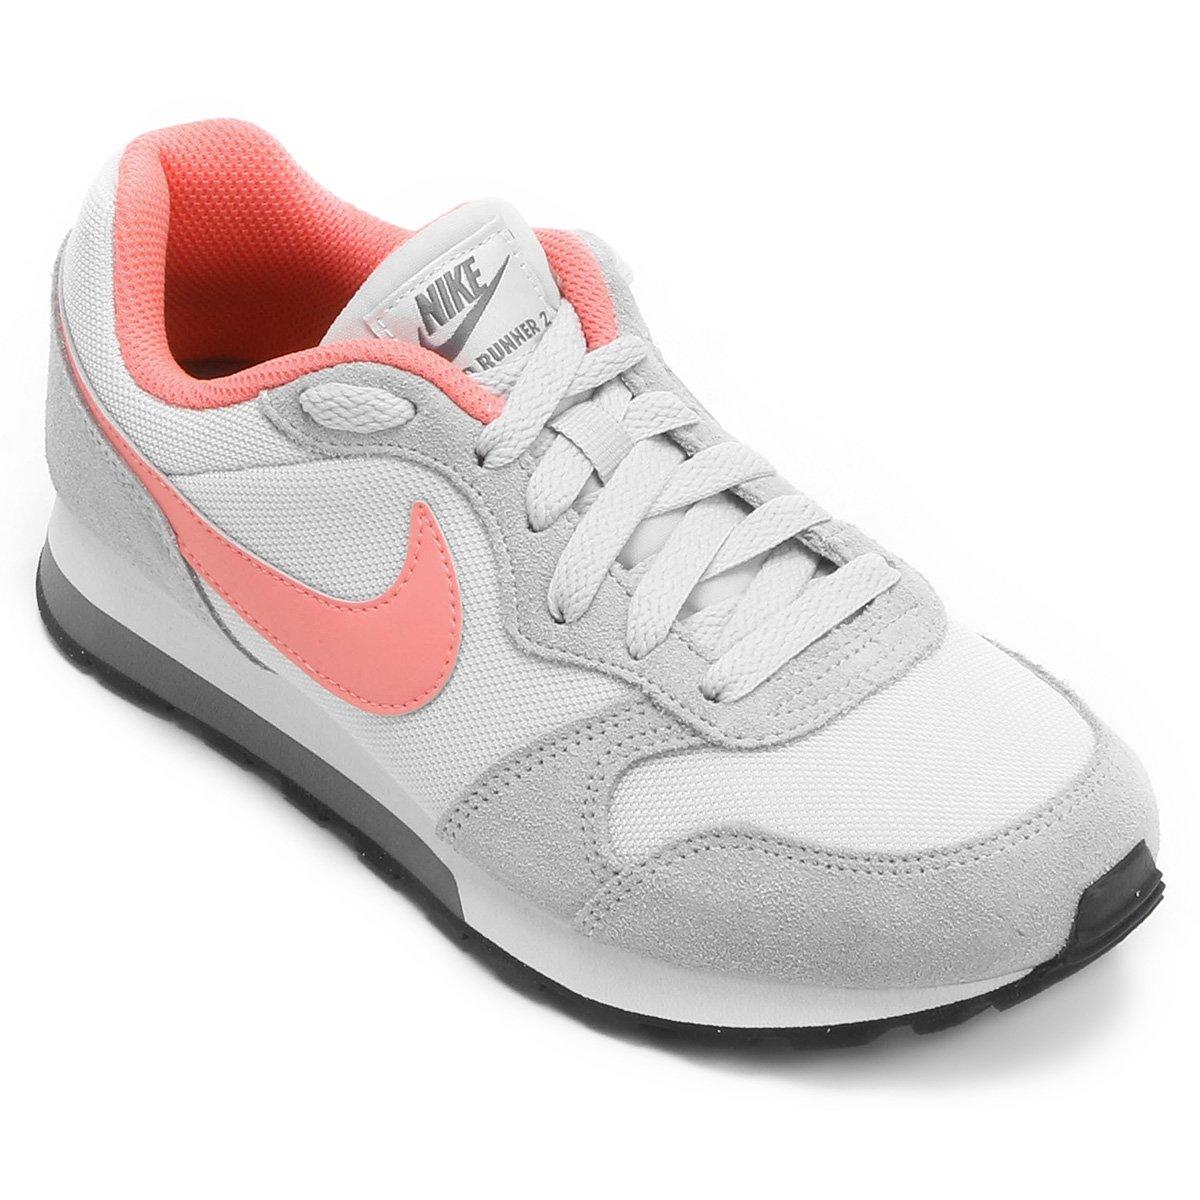 6d943ec716 Tênis Infantil Nike Md Runner 2 - Cinza e Rosa - Compre Agora